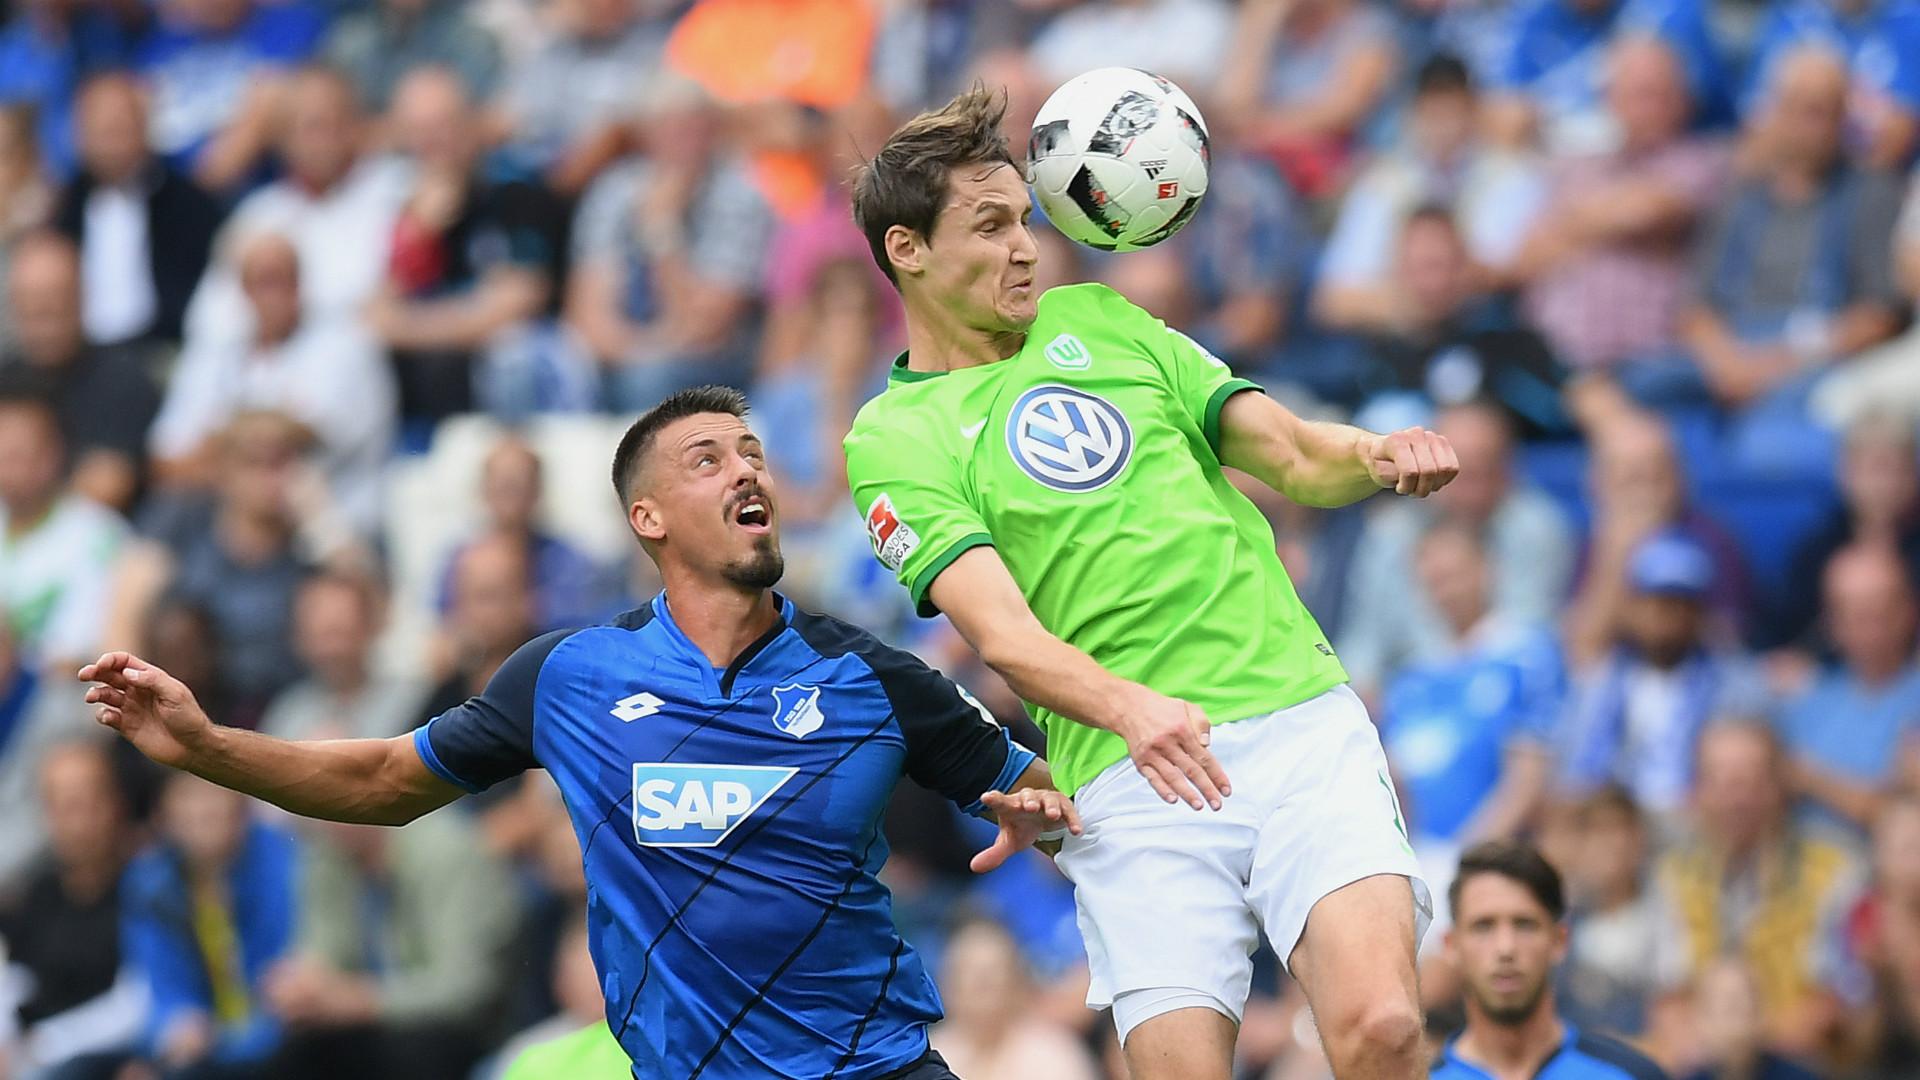 Wollscheid zurück zu Stoke City - VfL zieht Kaufoption nicht